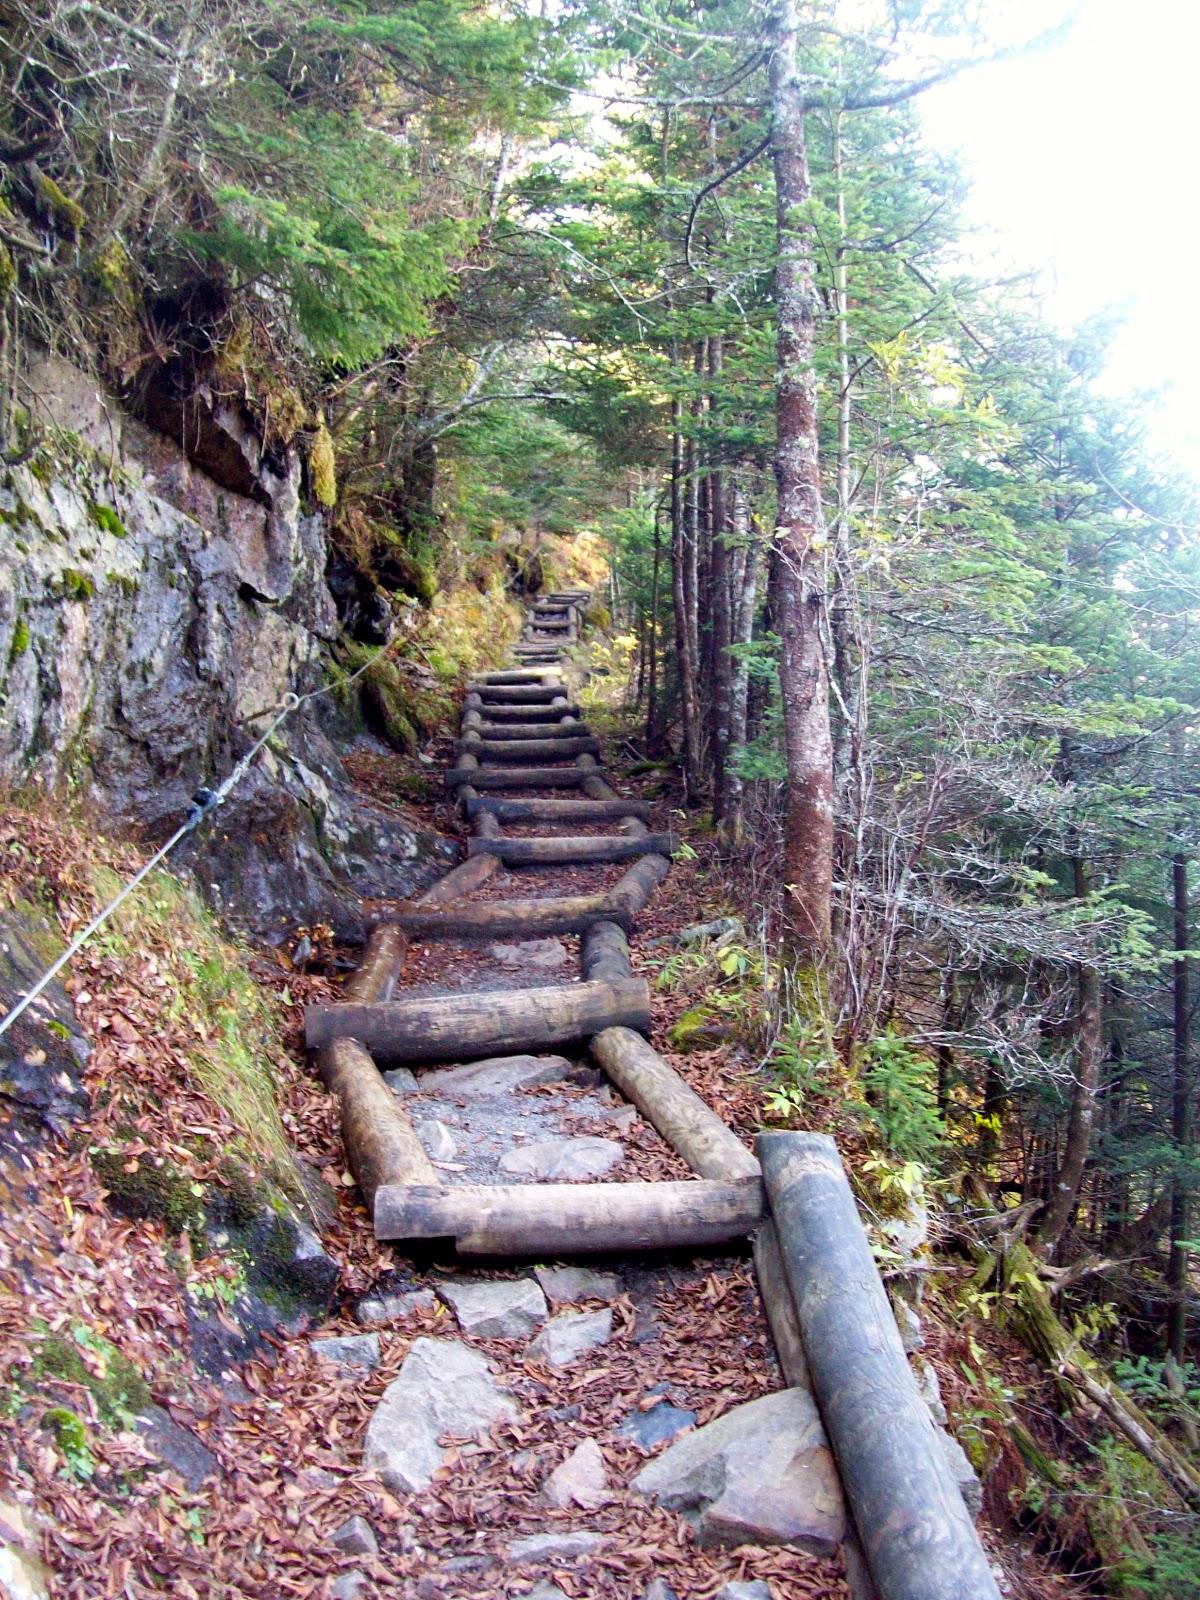 900 miles: Trillium Gap Trail